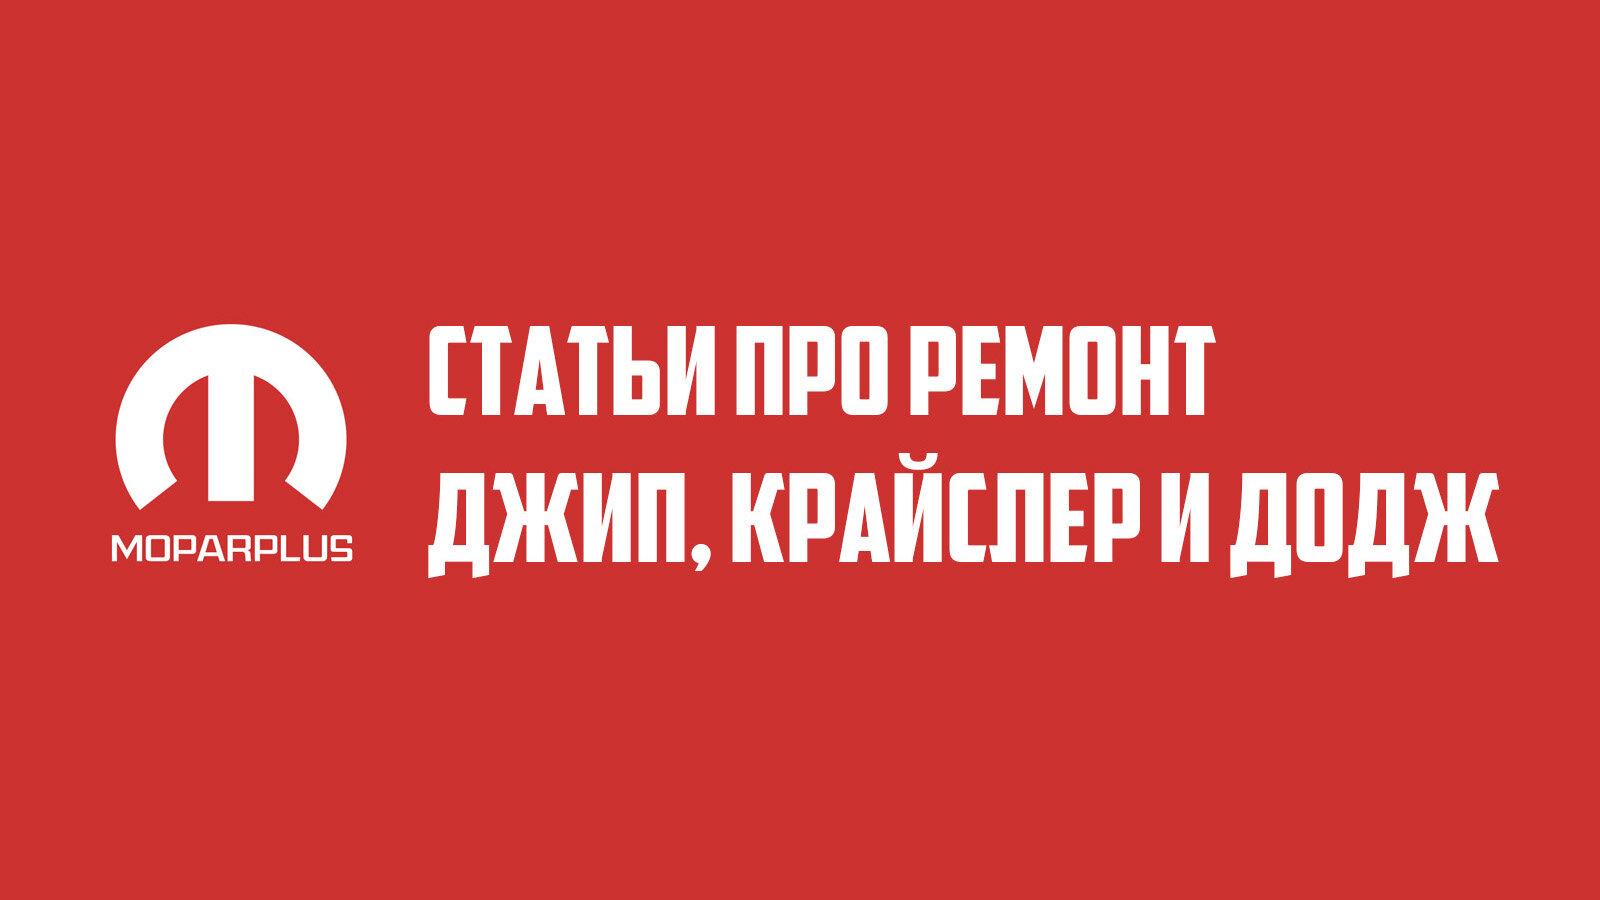 Статьи про ремонт. Выпуск №66.